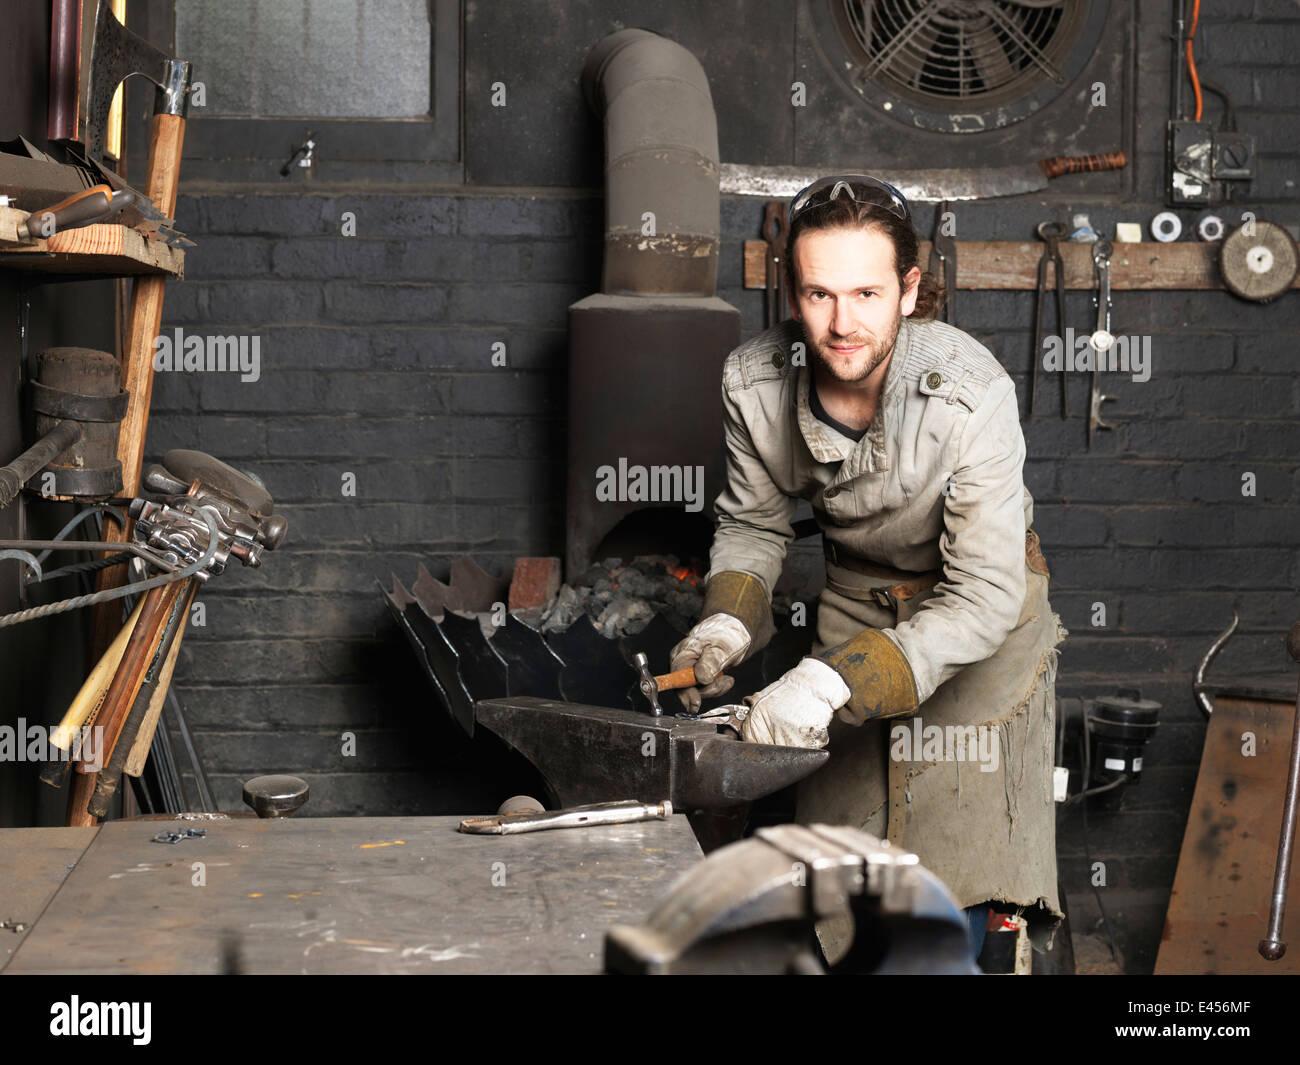 Portrait of blacksmith hammering on workshop anvil - Stock Image